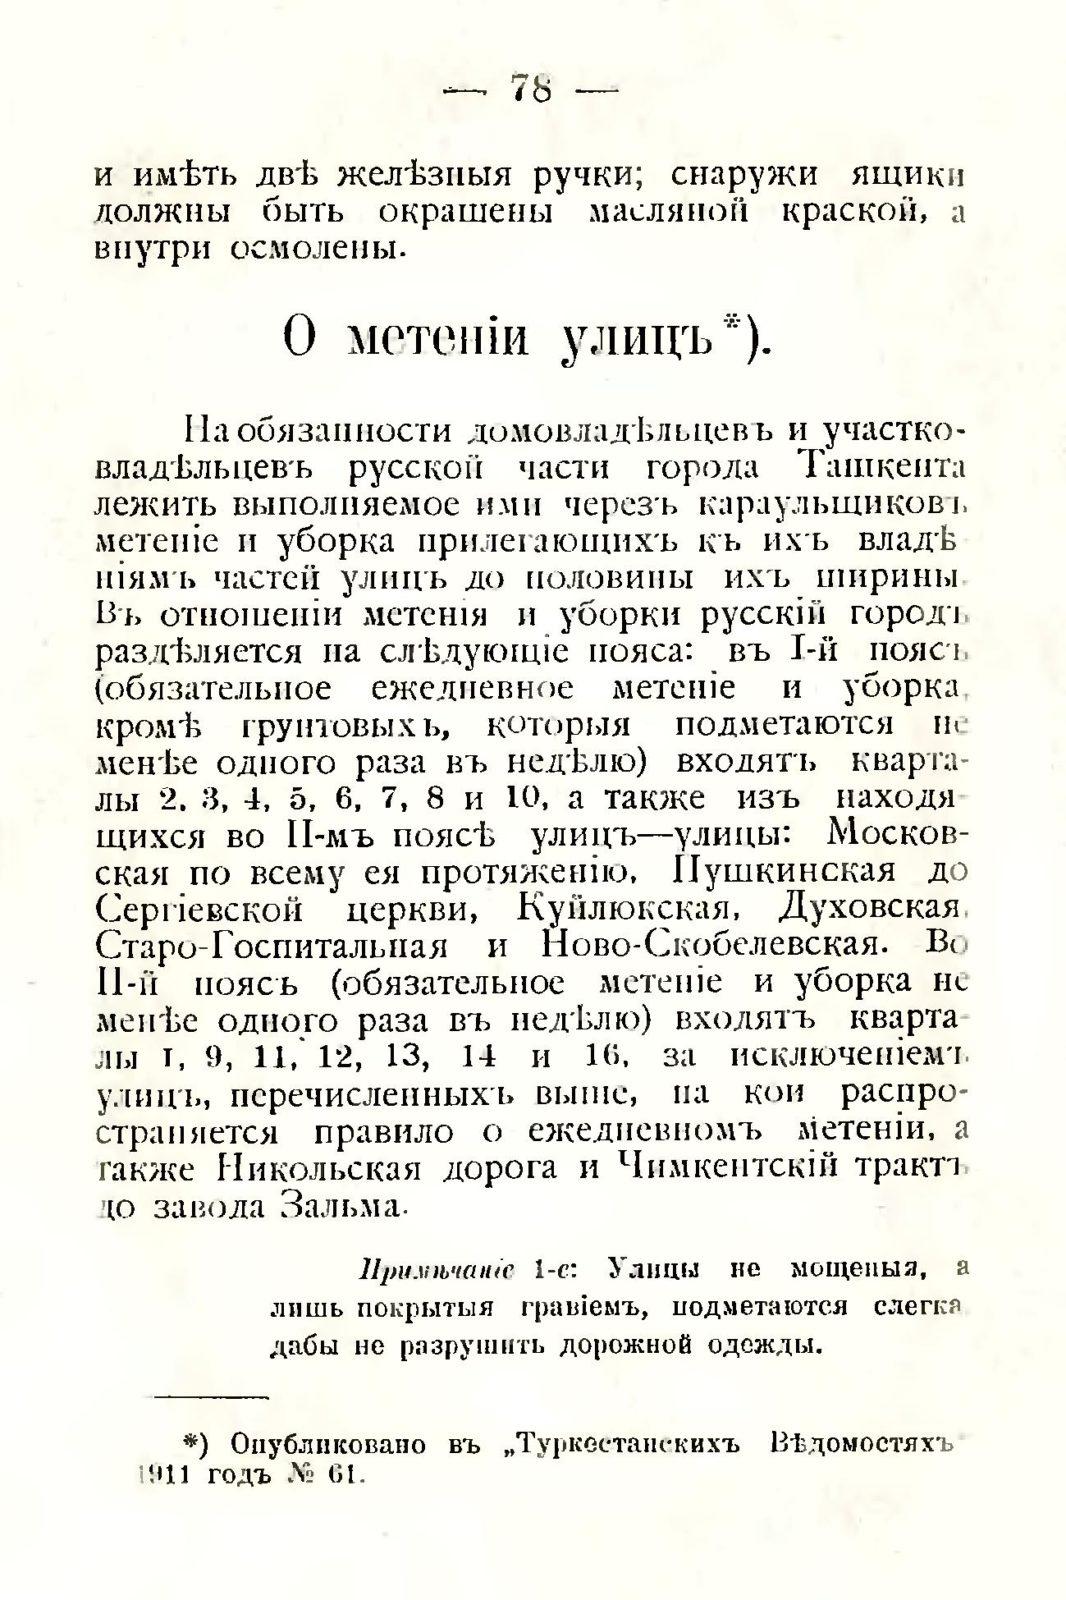 sbornik_obyazatelnyh_postanovlenii_tashkentskoi_gorodskoi_du_82